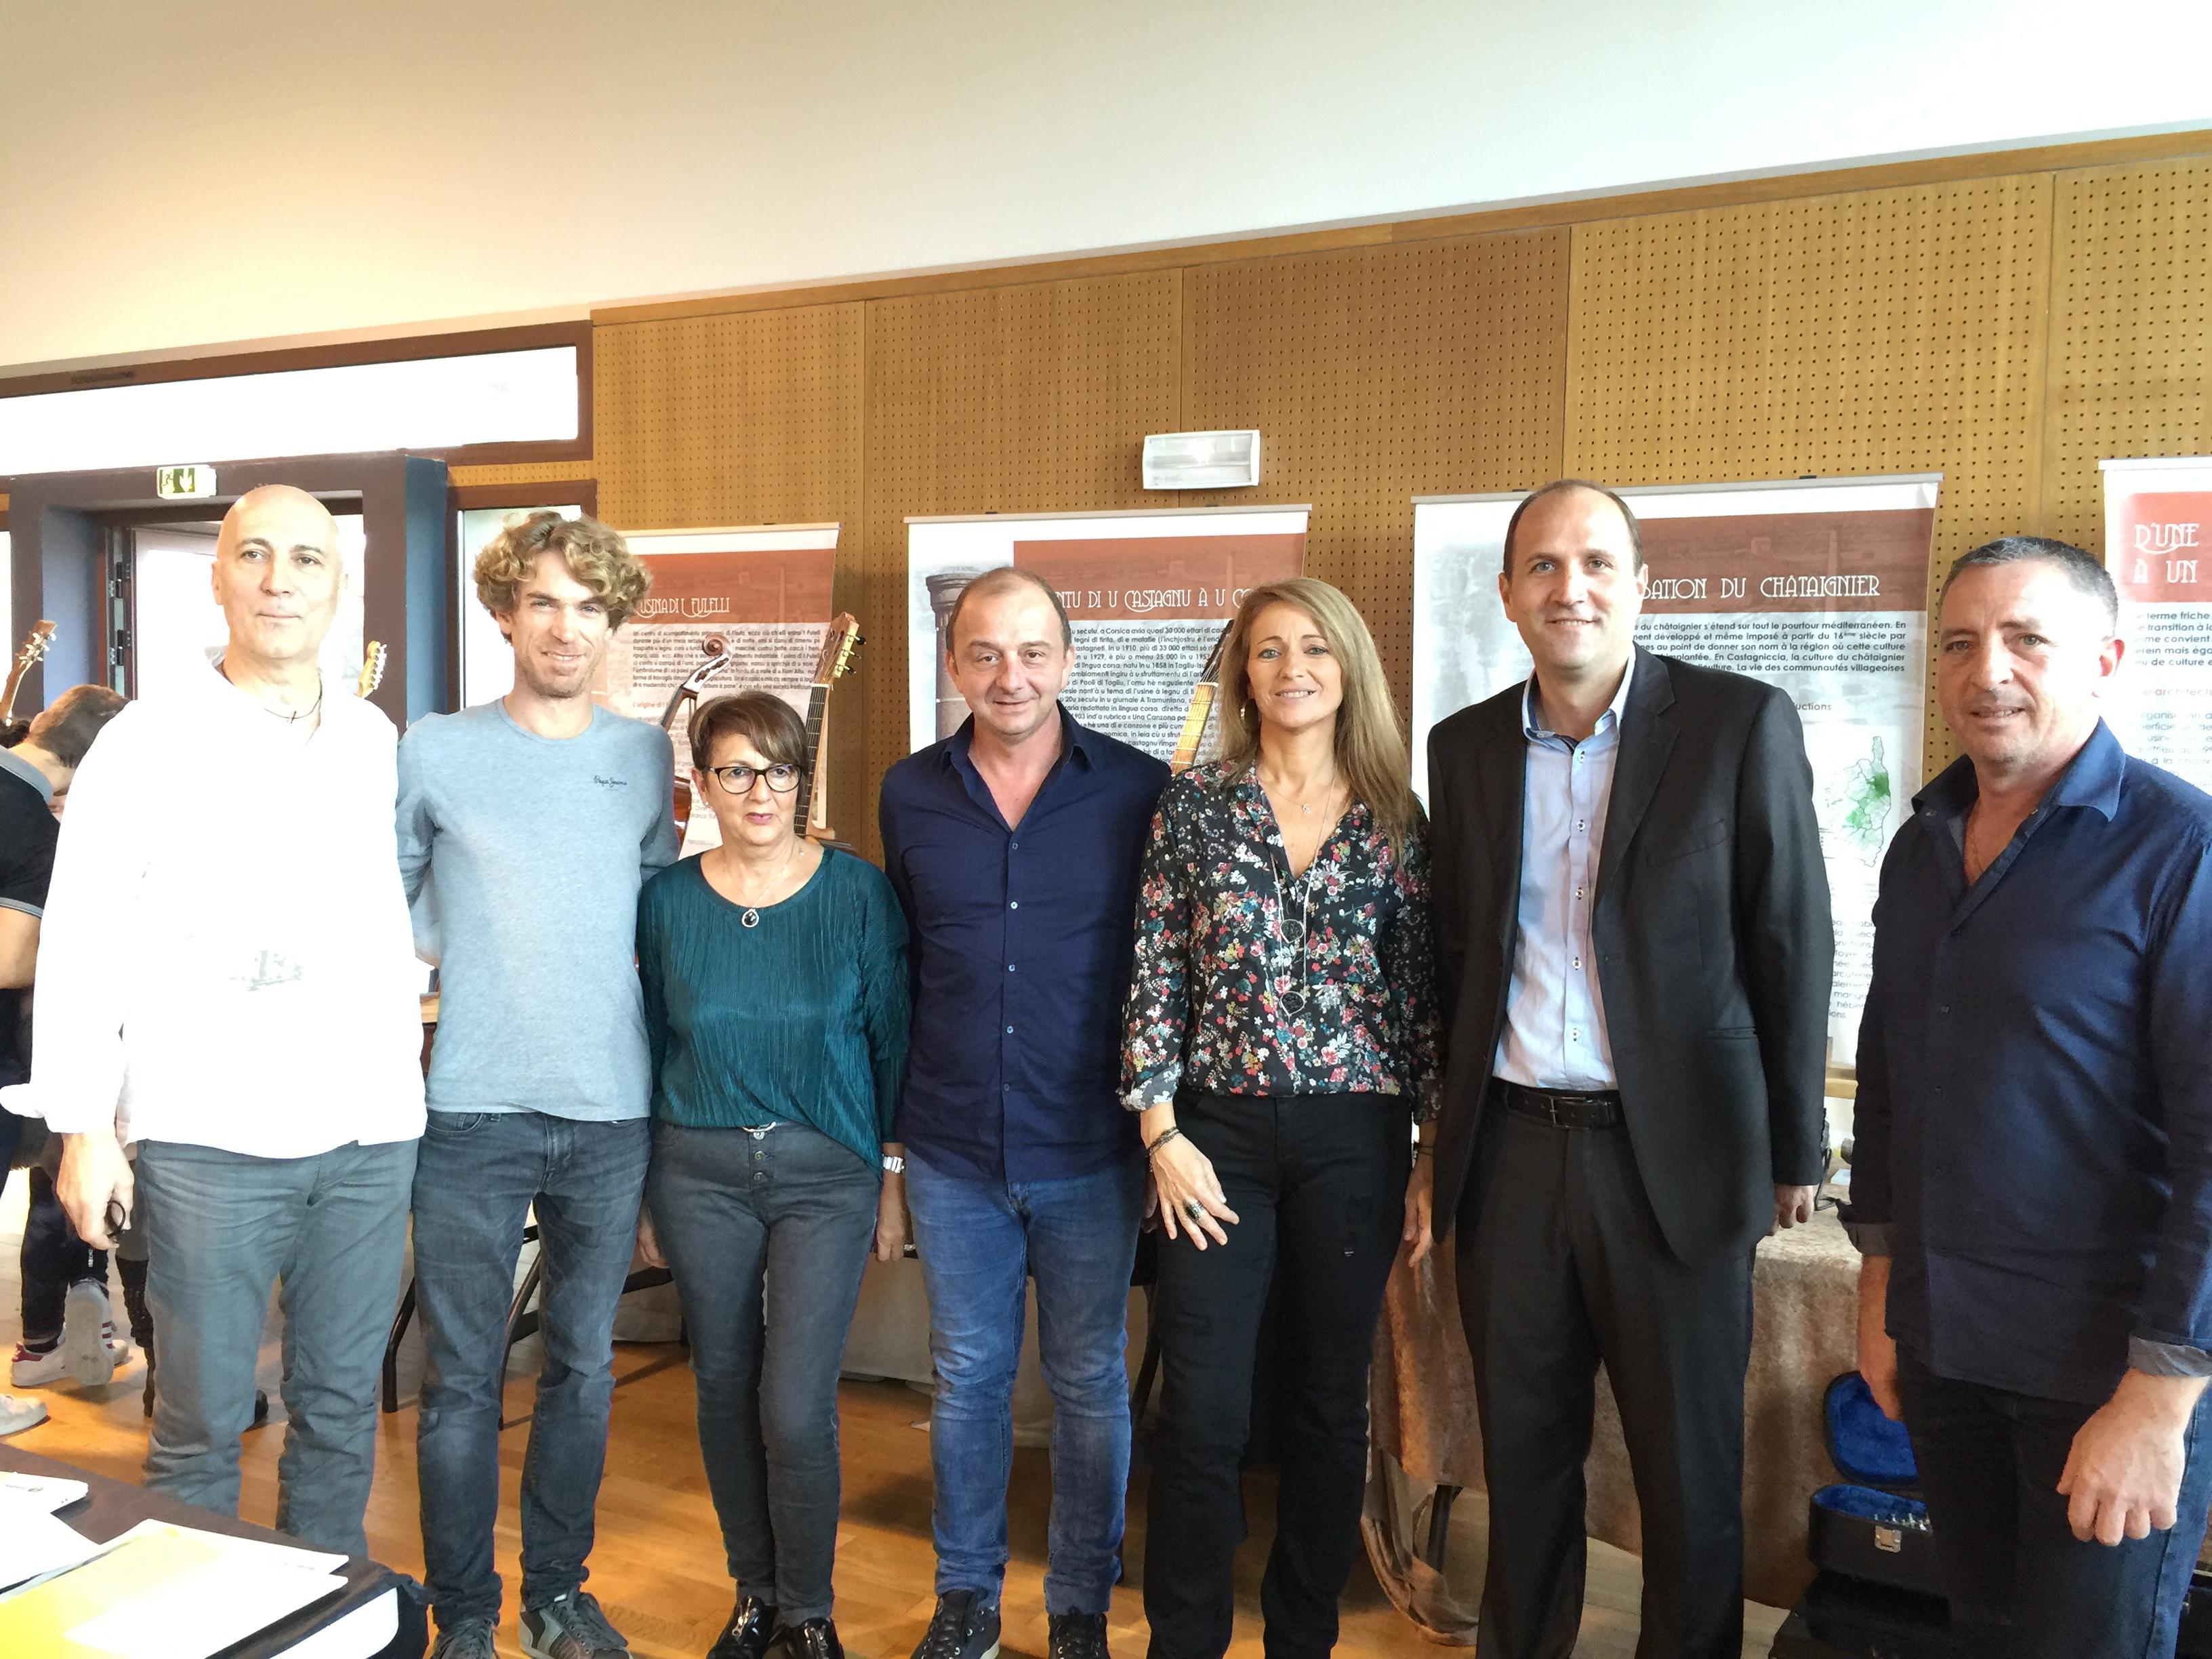 Raphaël Pierre entouré de Felì, du maire, Yannick Castelli et des vendeurs présents